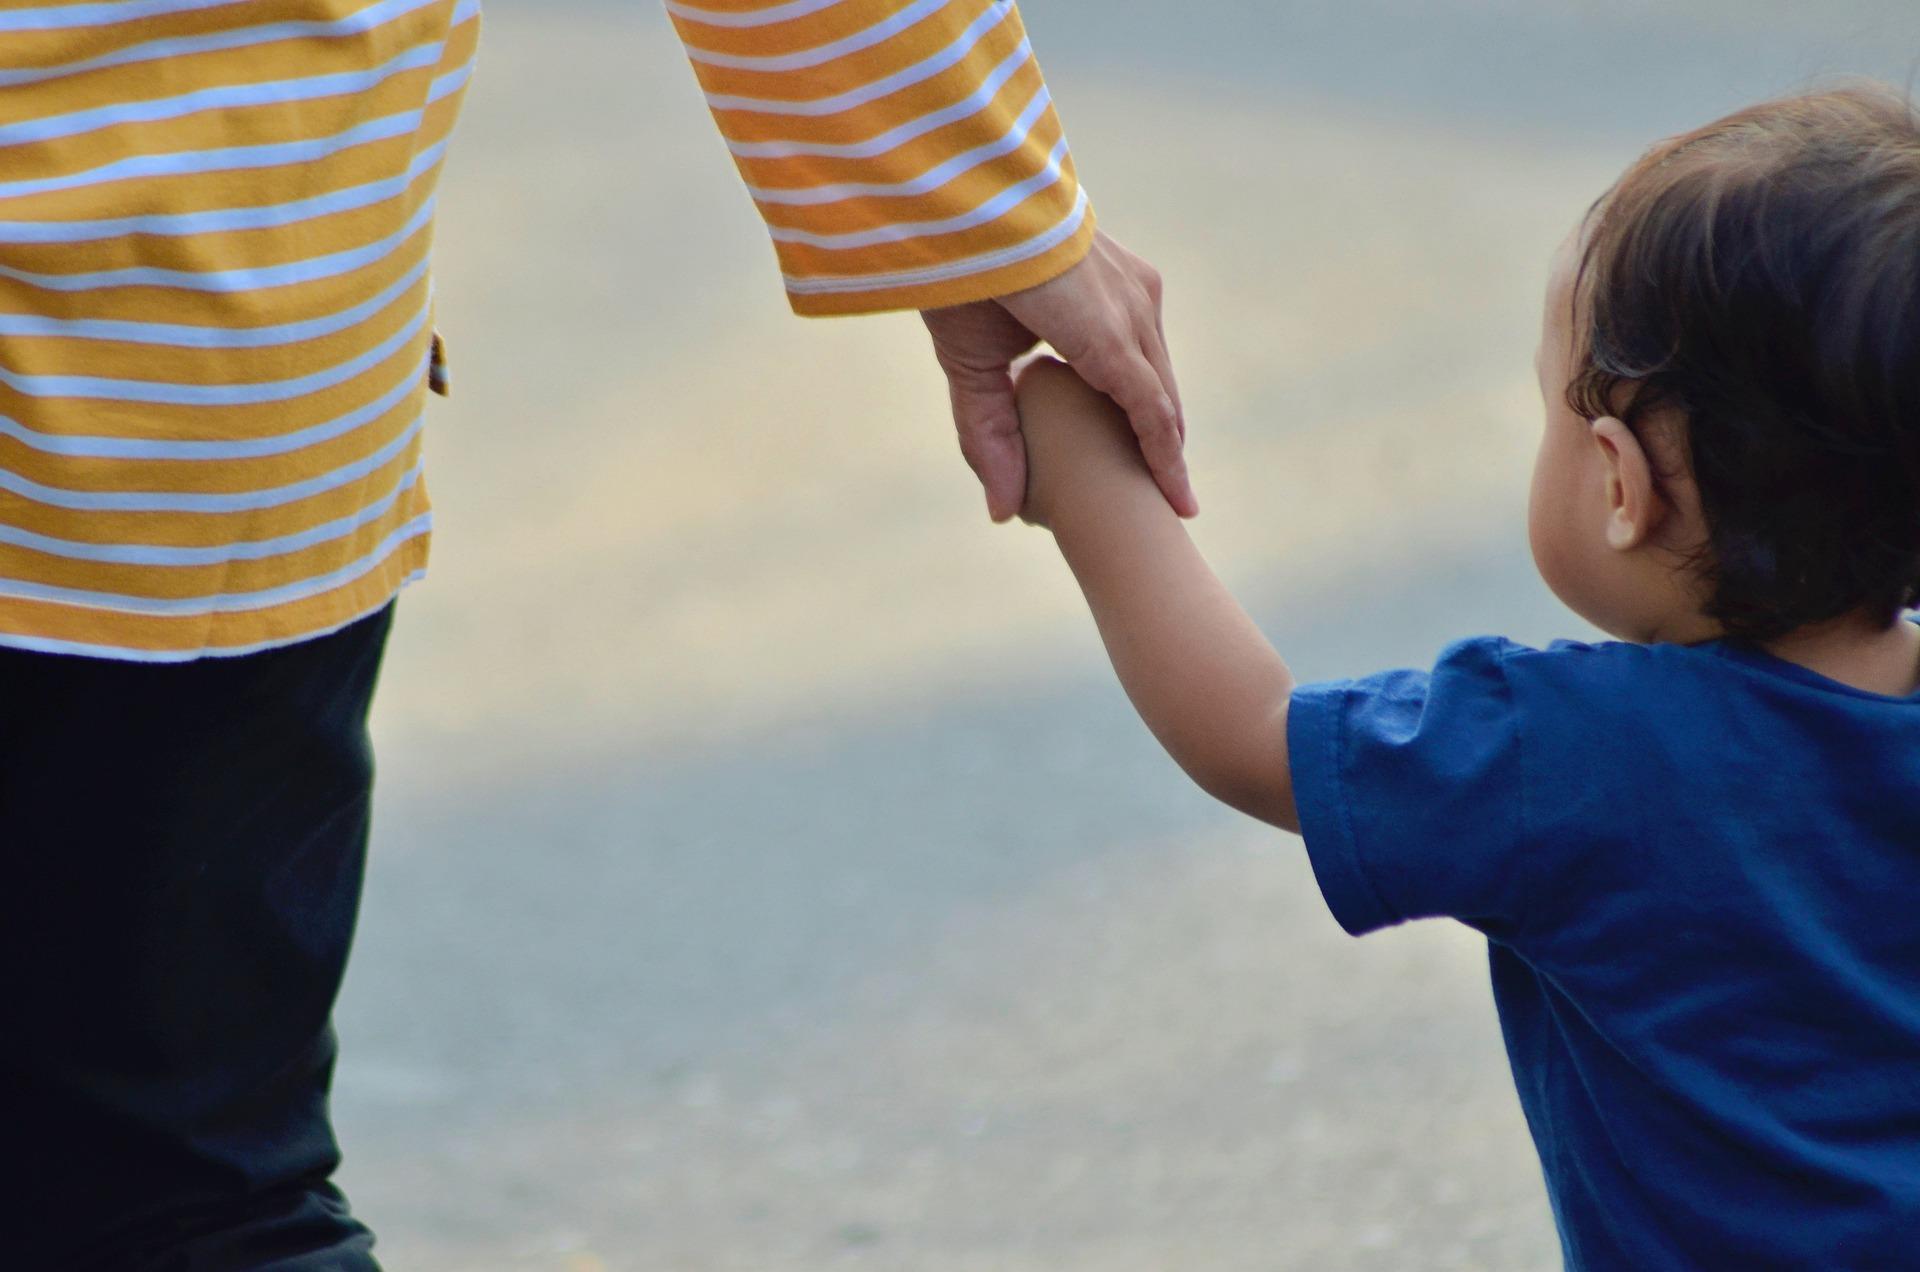 matka dziecko - Pixabay